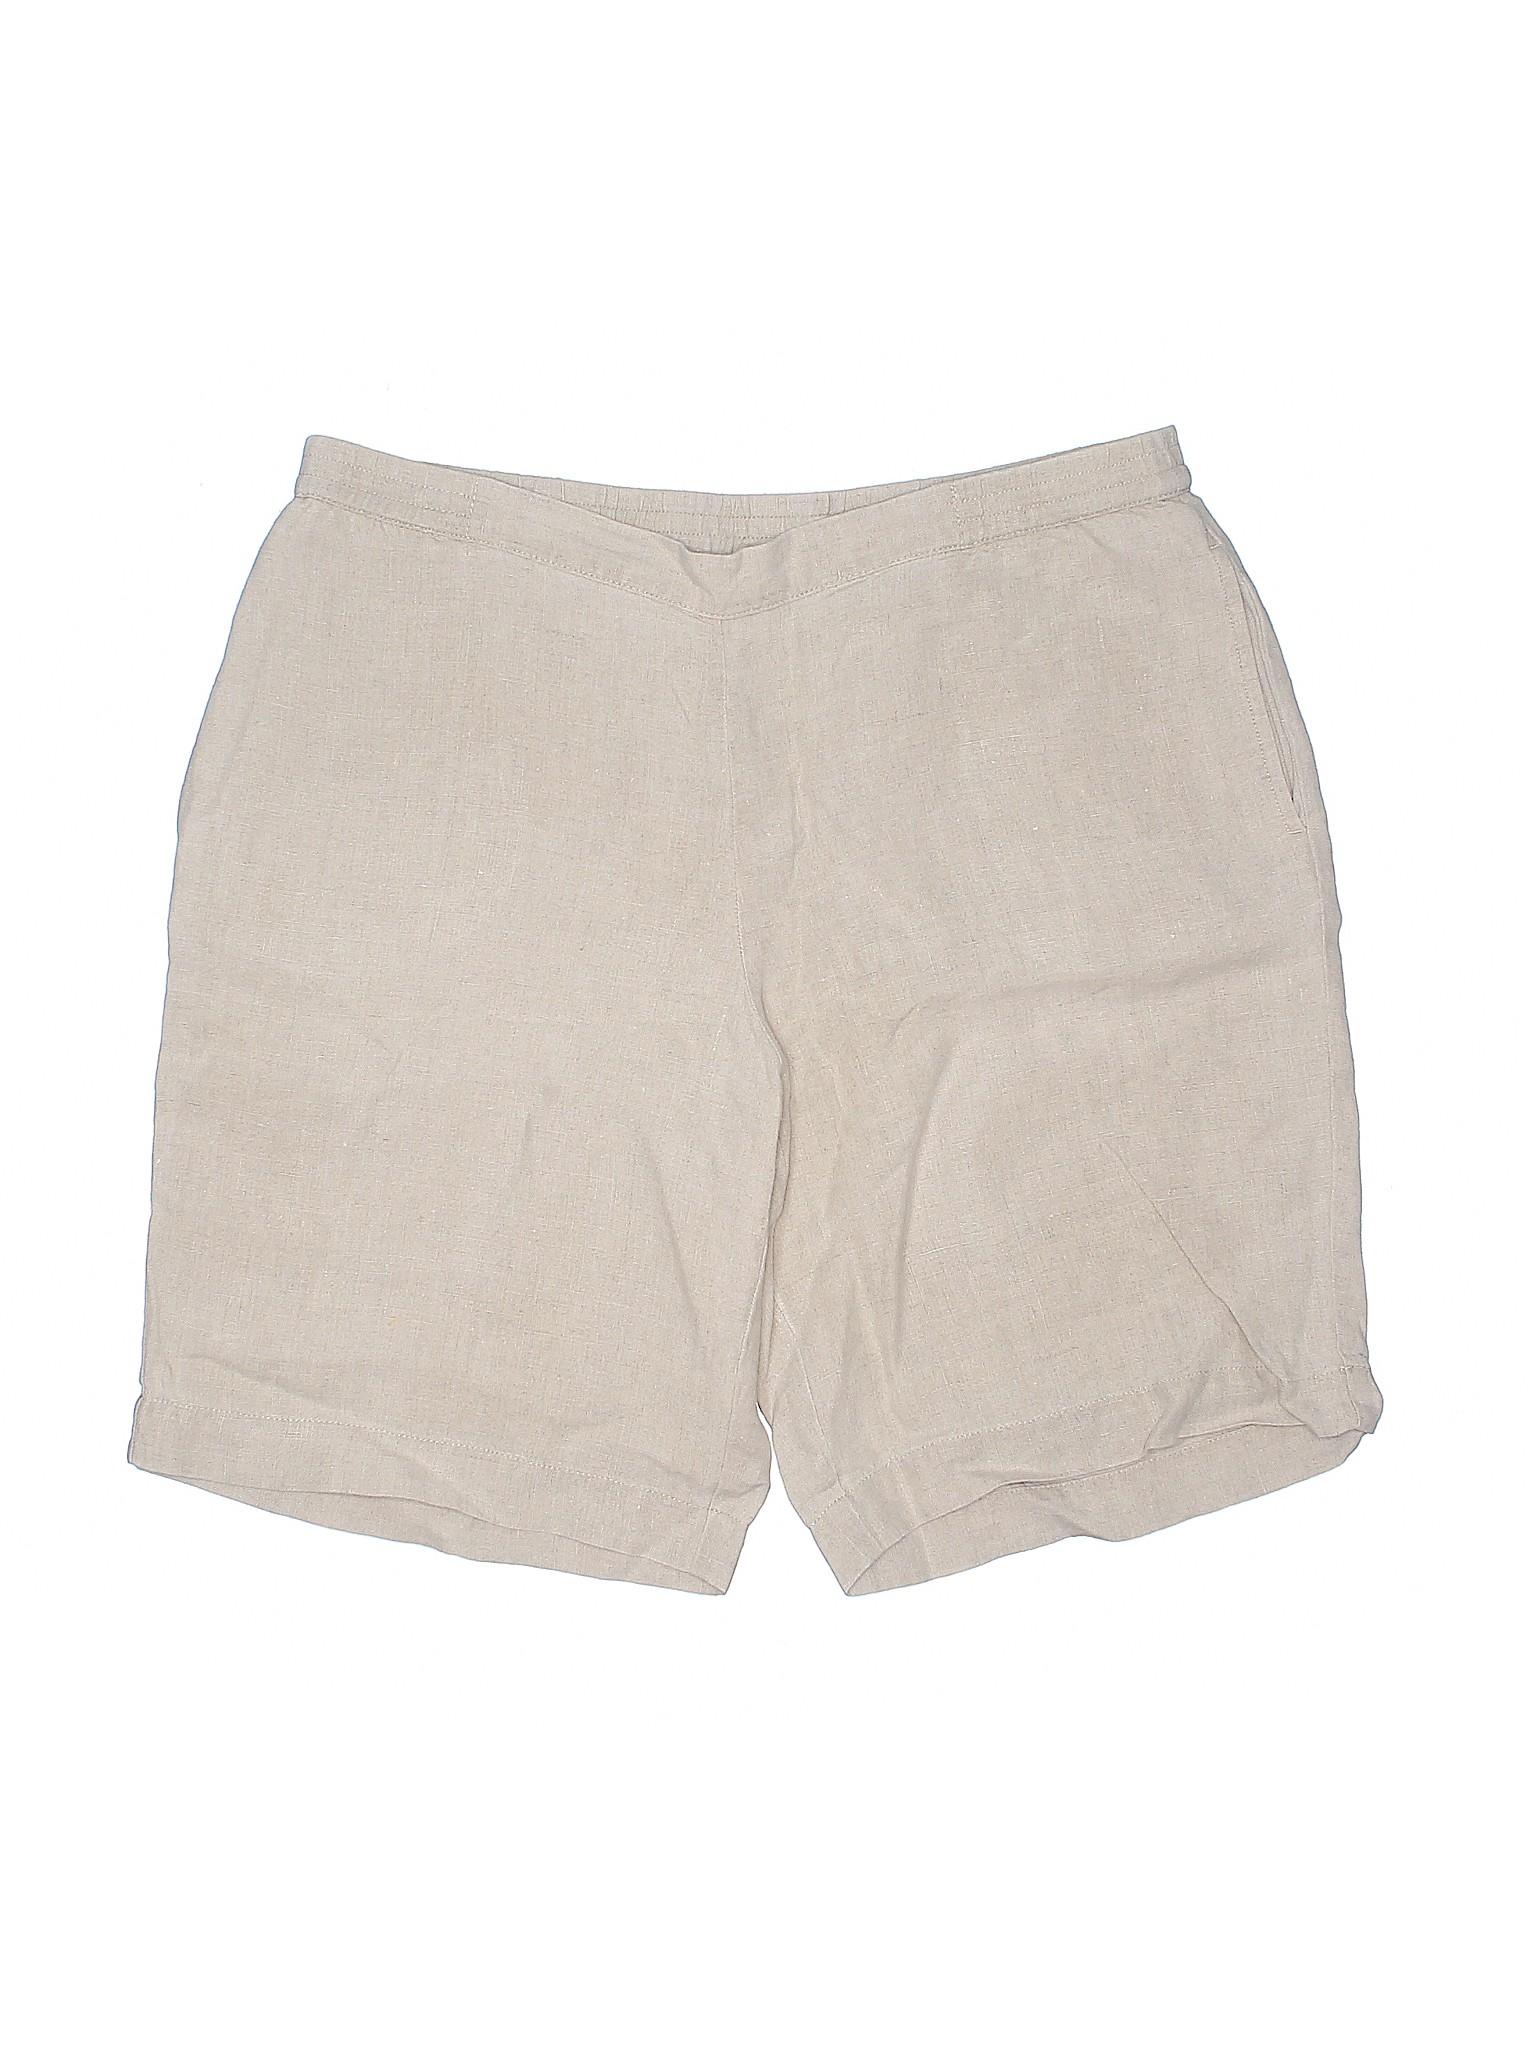 J jill Boutique J Shorts J Shorts jill Boutique Boutique pSqZ6w